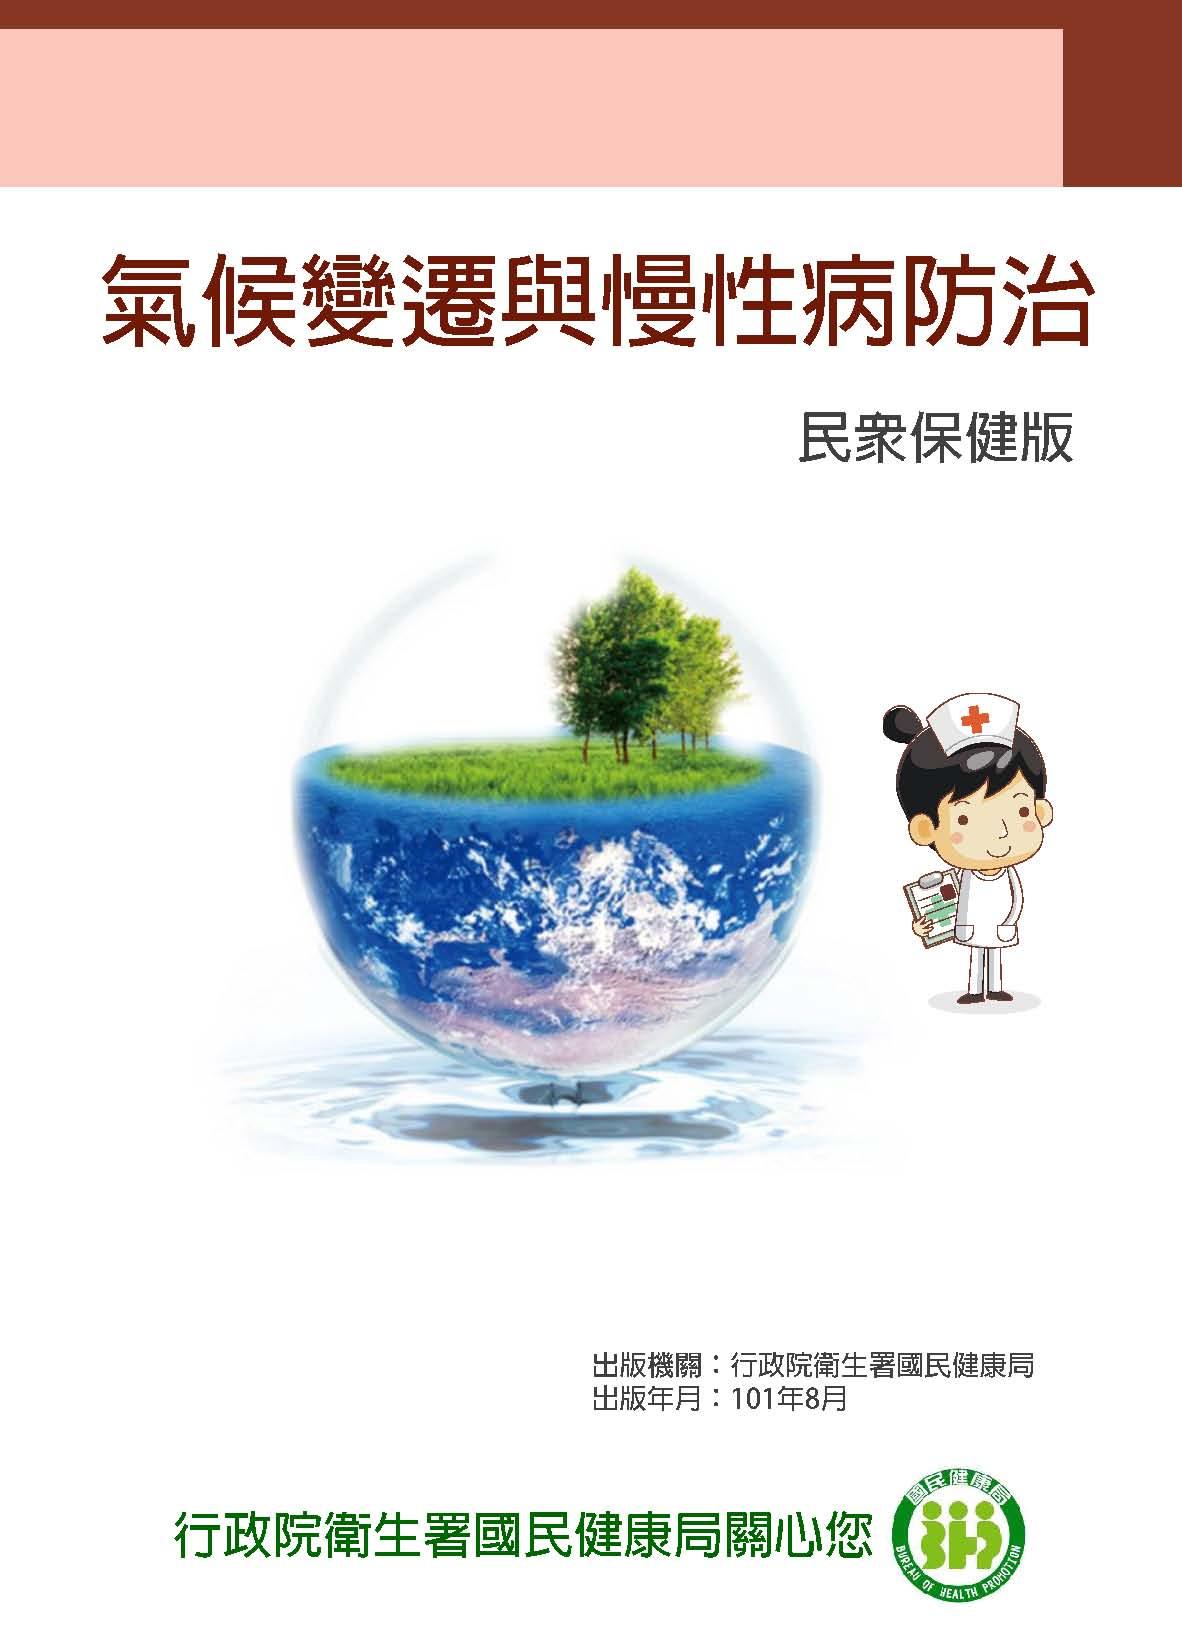 氣候變遷與慢性病防治-民眾版衛教手冊